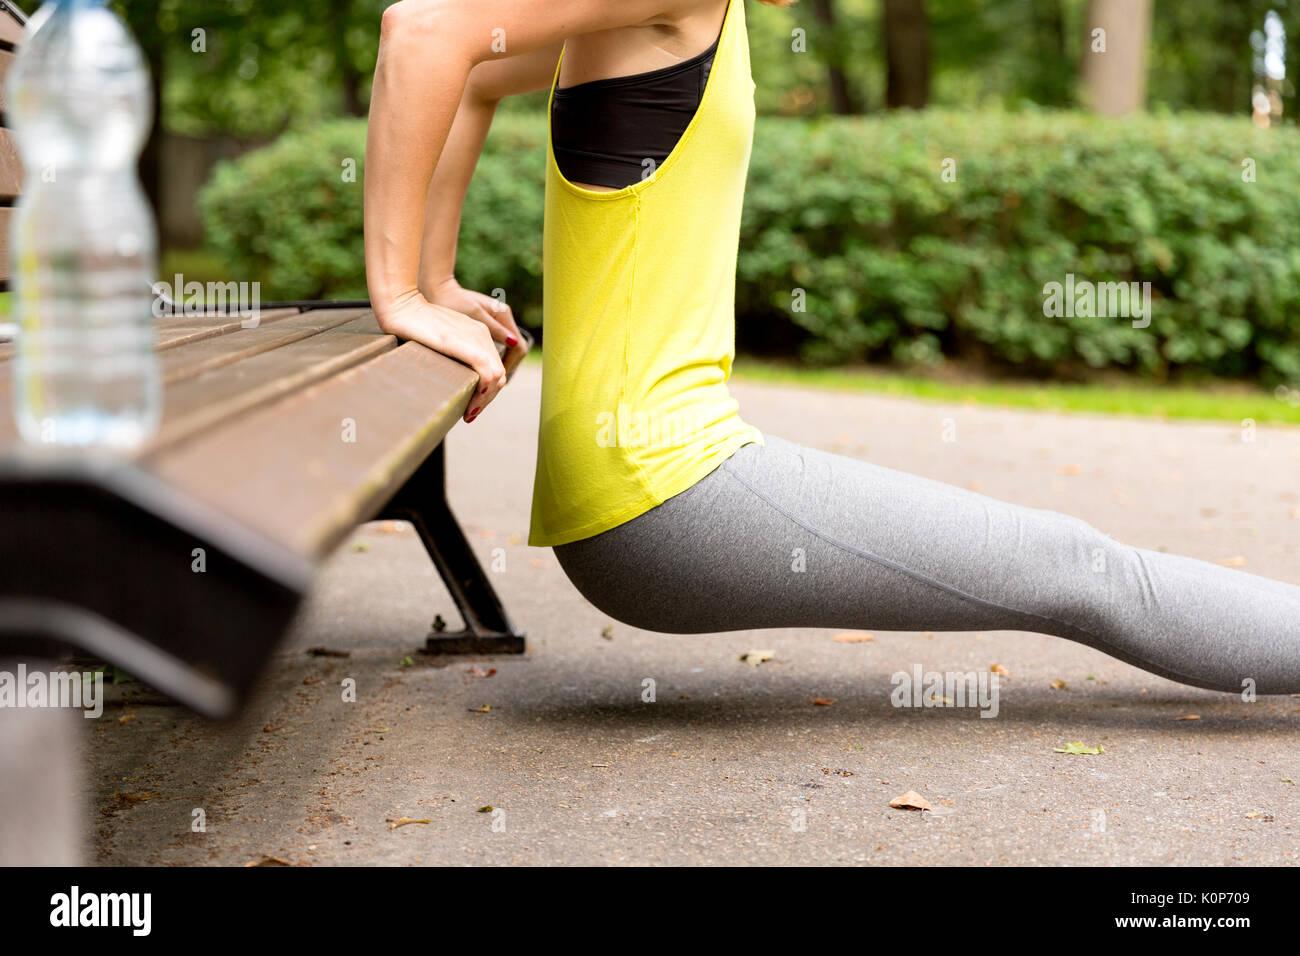 Mujer joven y saludable estiramiento antes de fitness y ejercicio en concepto de estacionamiento, un estilo de vida saludable Imagen De Stock